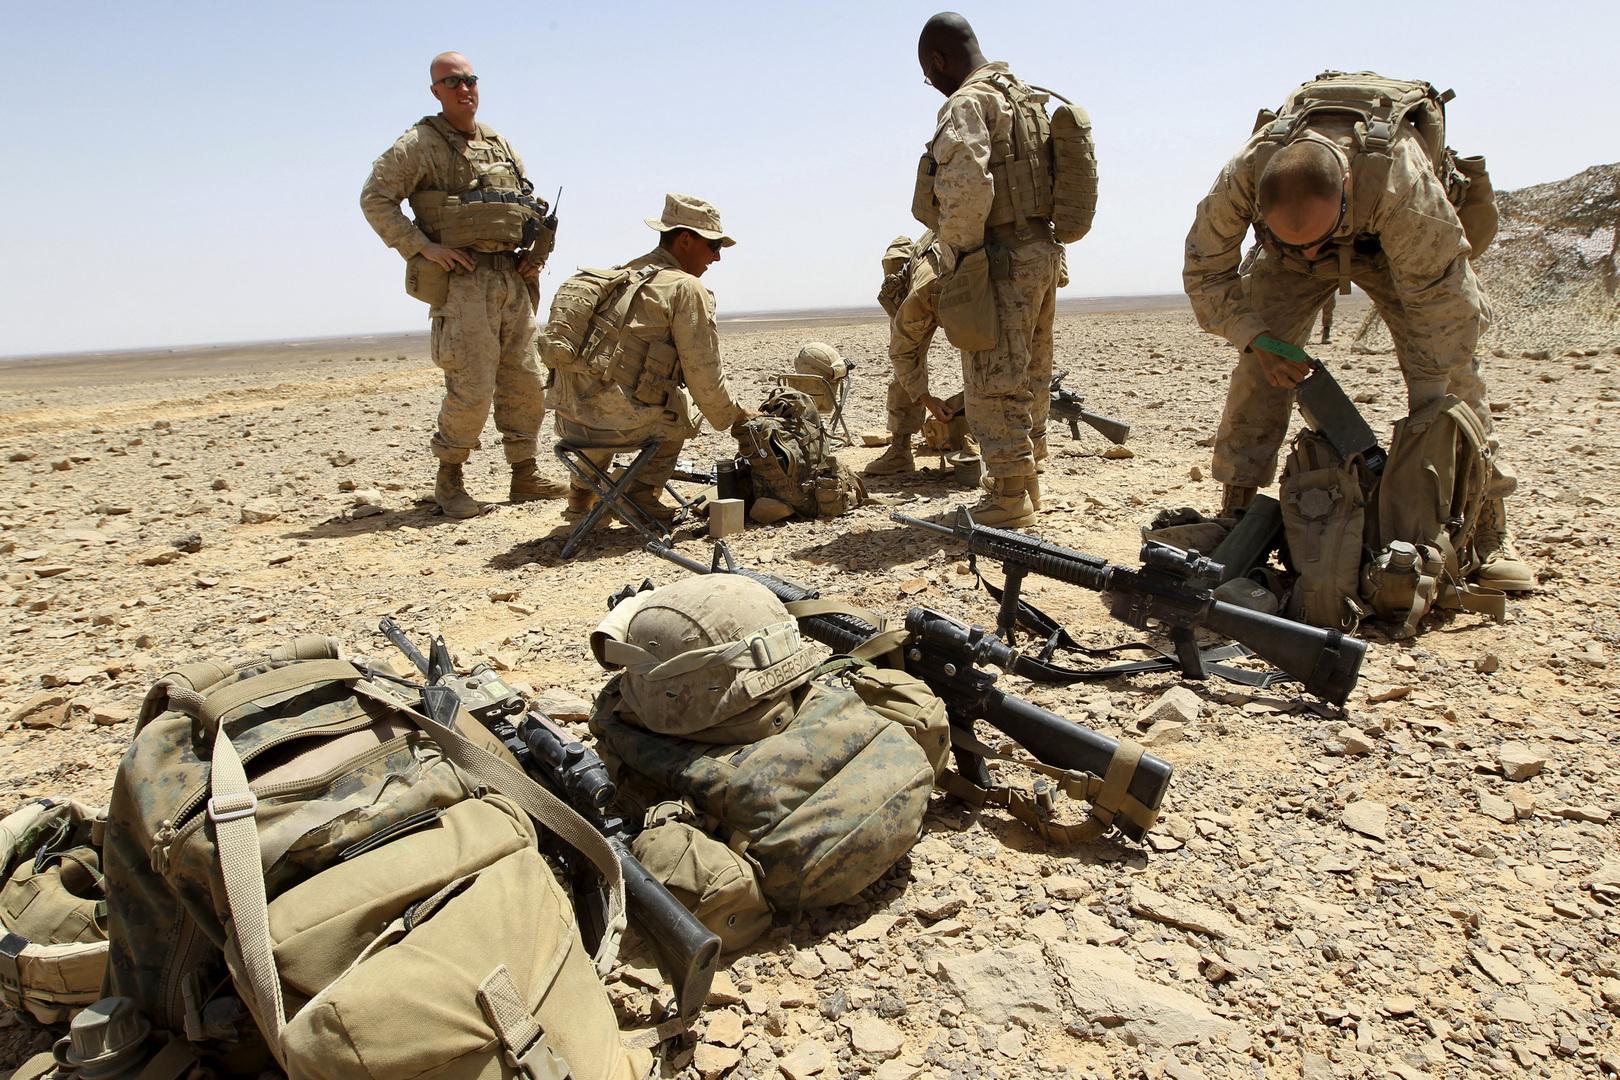 ترامب يبلغ الكونغرس برفع عدد القوات الأمريكية في السعودية إلى 3 آلاف عسكري خلال الأسابيع المقبلة